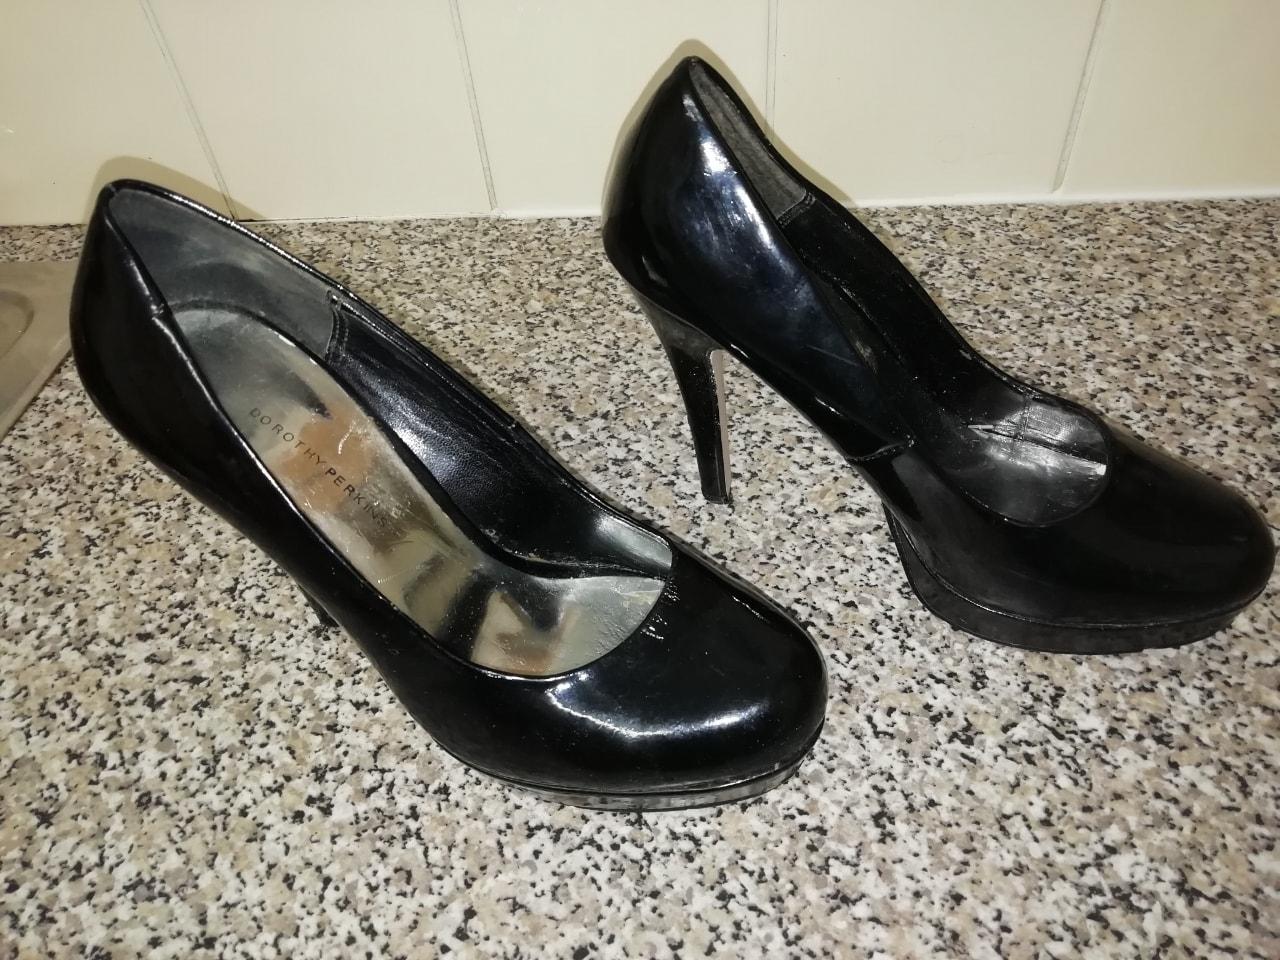 Shoe heels